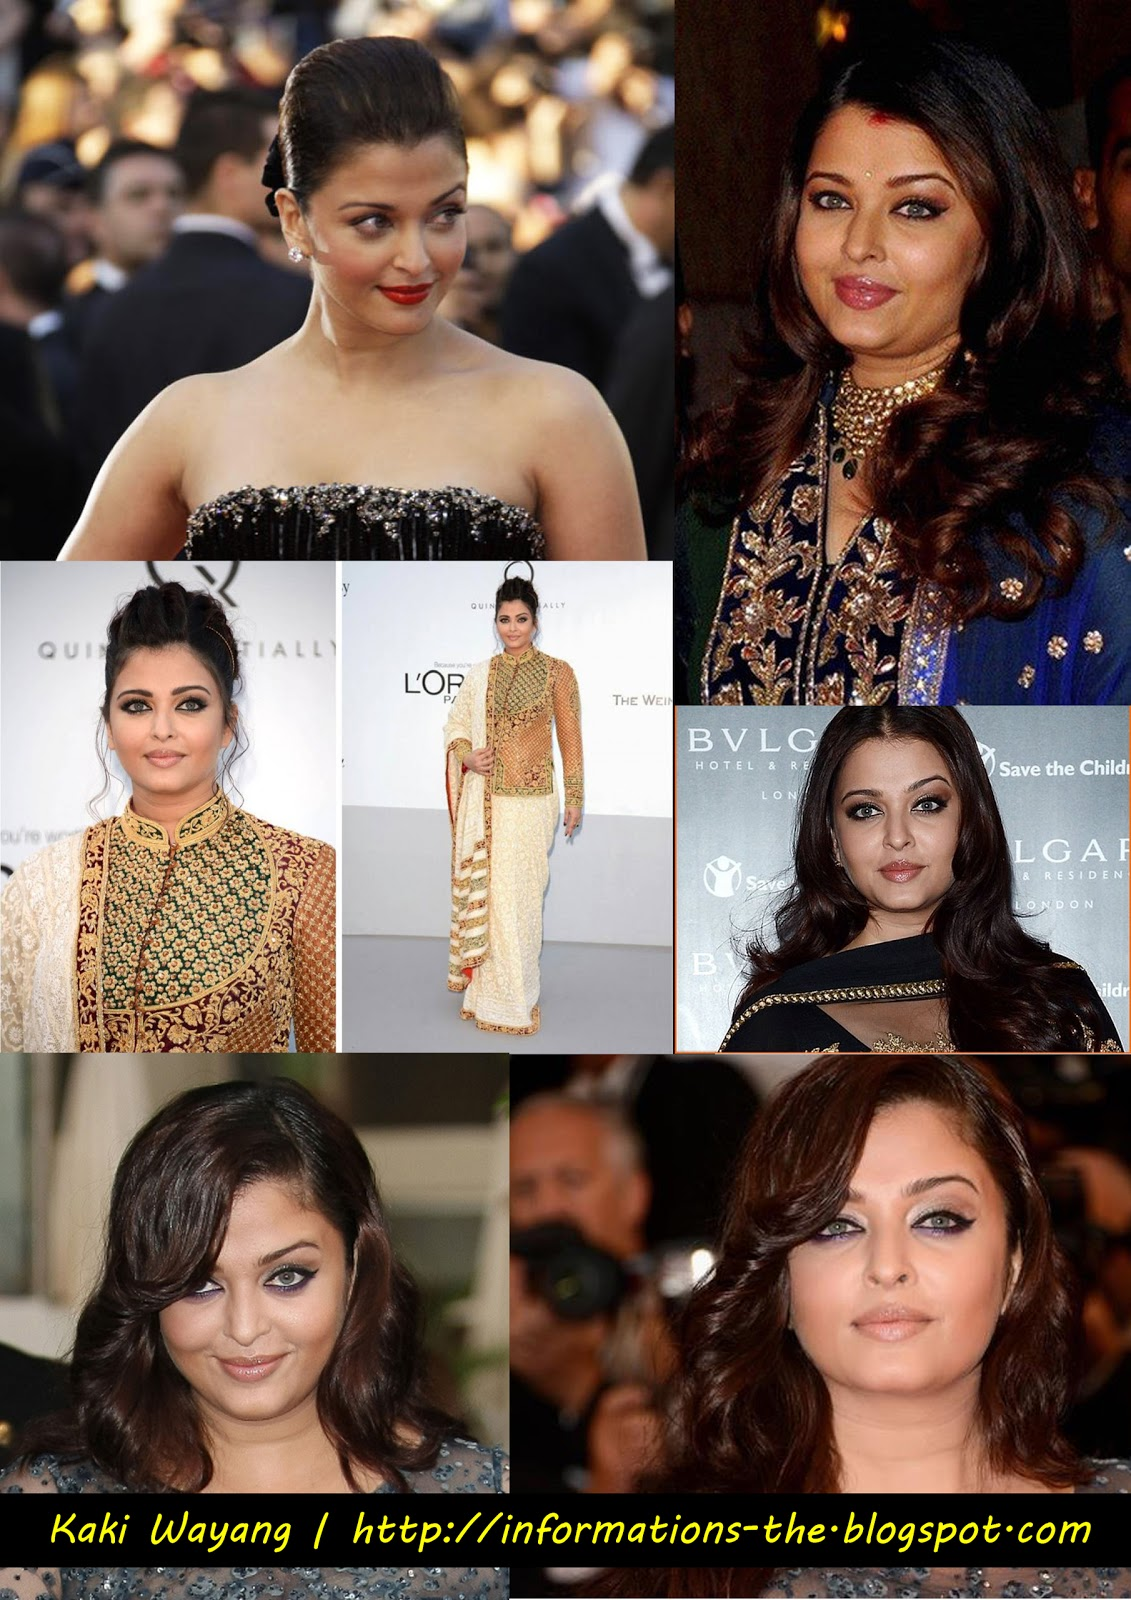 http://4.bp.blogspot.com/-qjvOGQ-FfX8/T9td0ZypeDI/AAAAAAAADmo/xZIqjgcDwKg/s1600/Aishwarya+Rai+Gemuk.jpg